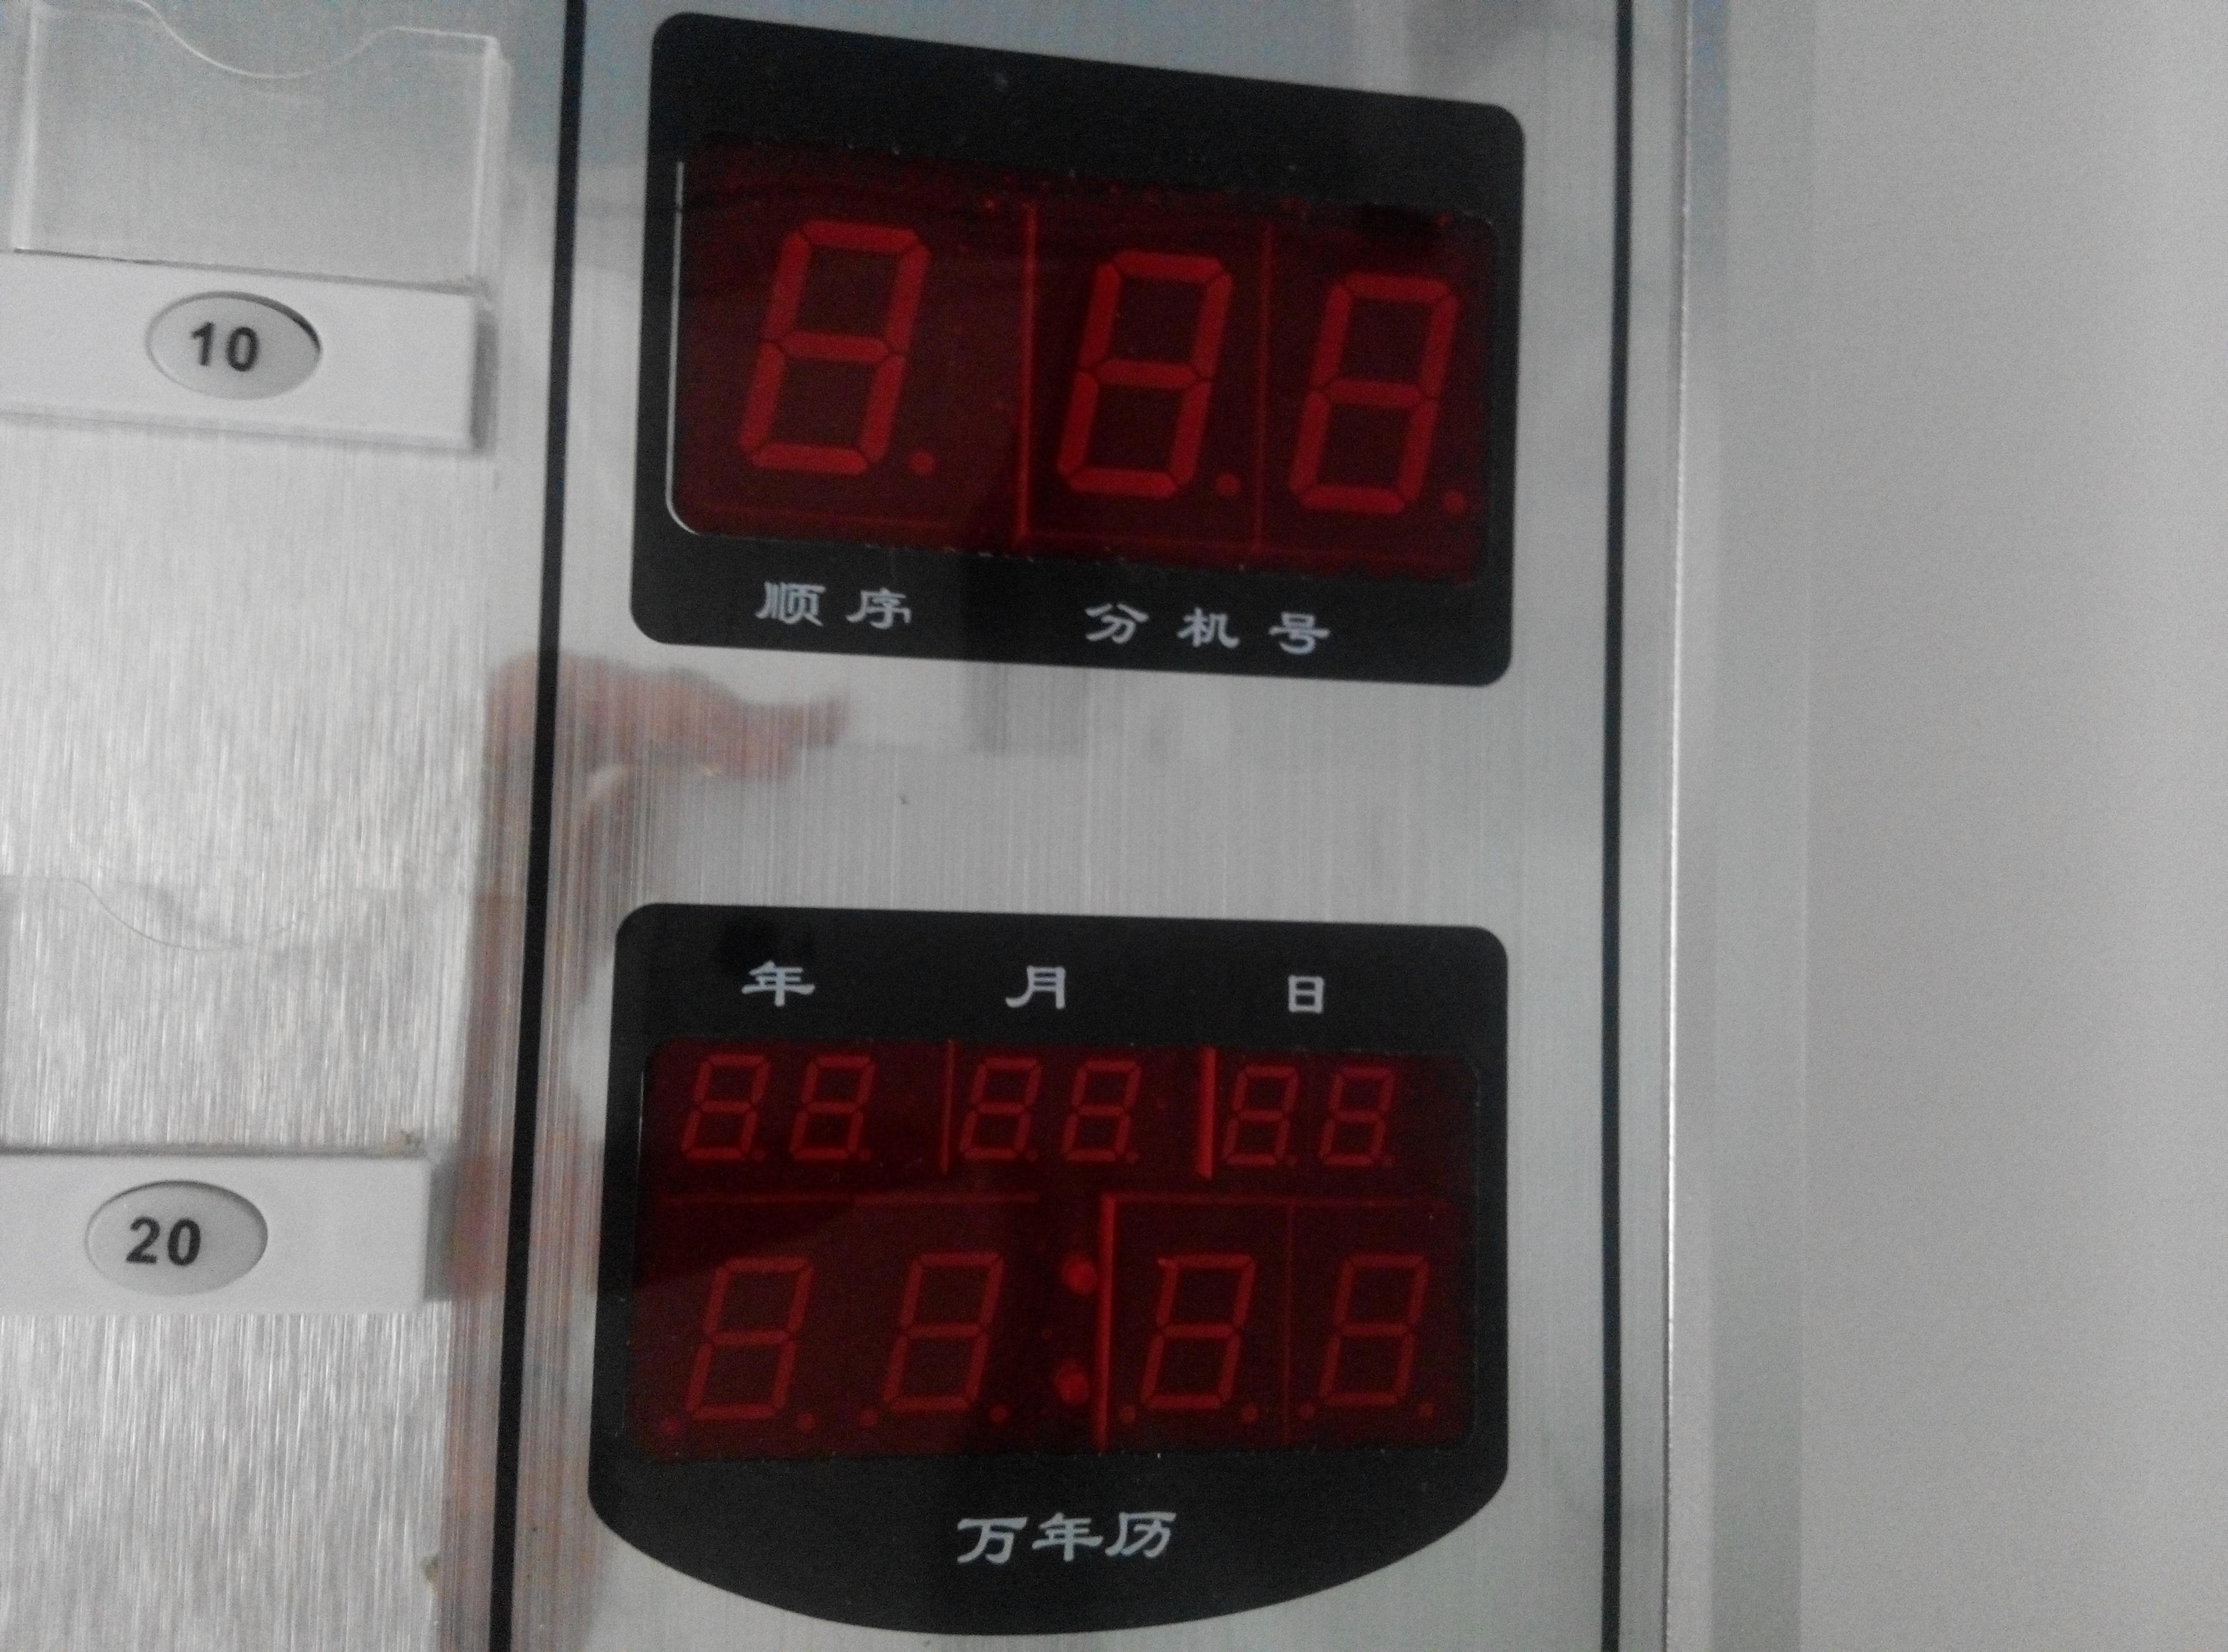 供应北京专业病房呼叫器-呼叫器 呼叫系统-床头呼叫器 -床头呼叫器